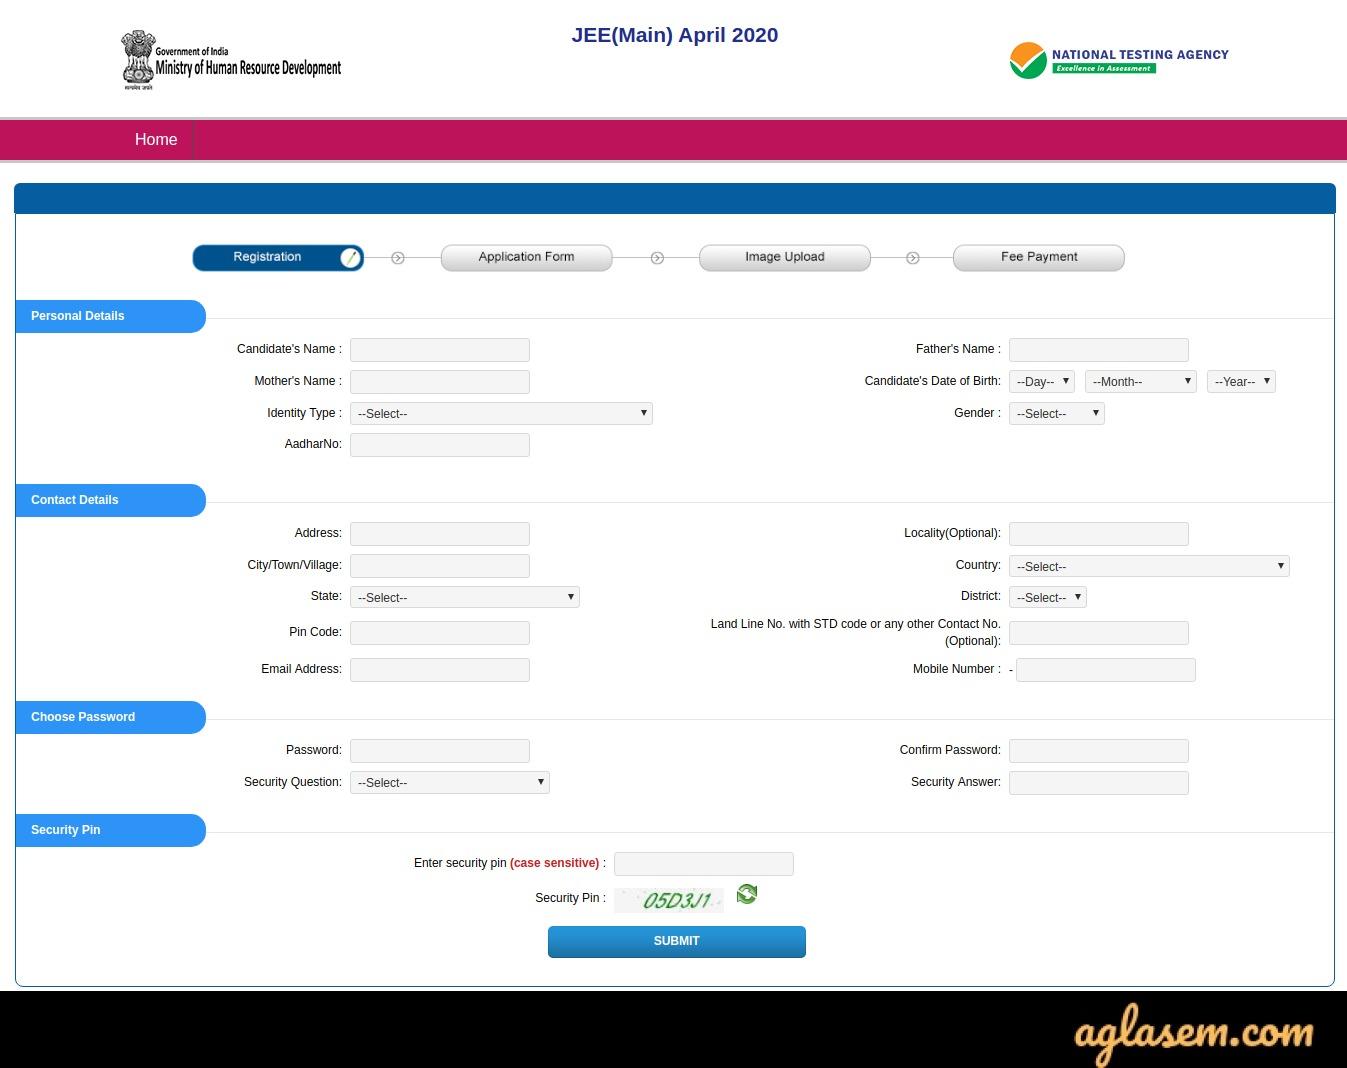 JEE Main 2021 April Registration Form